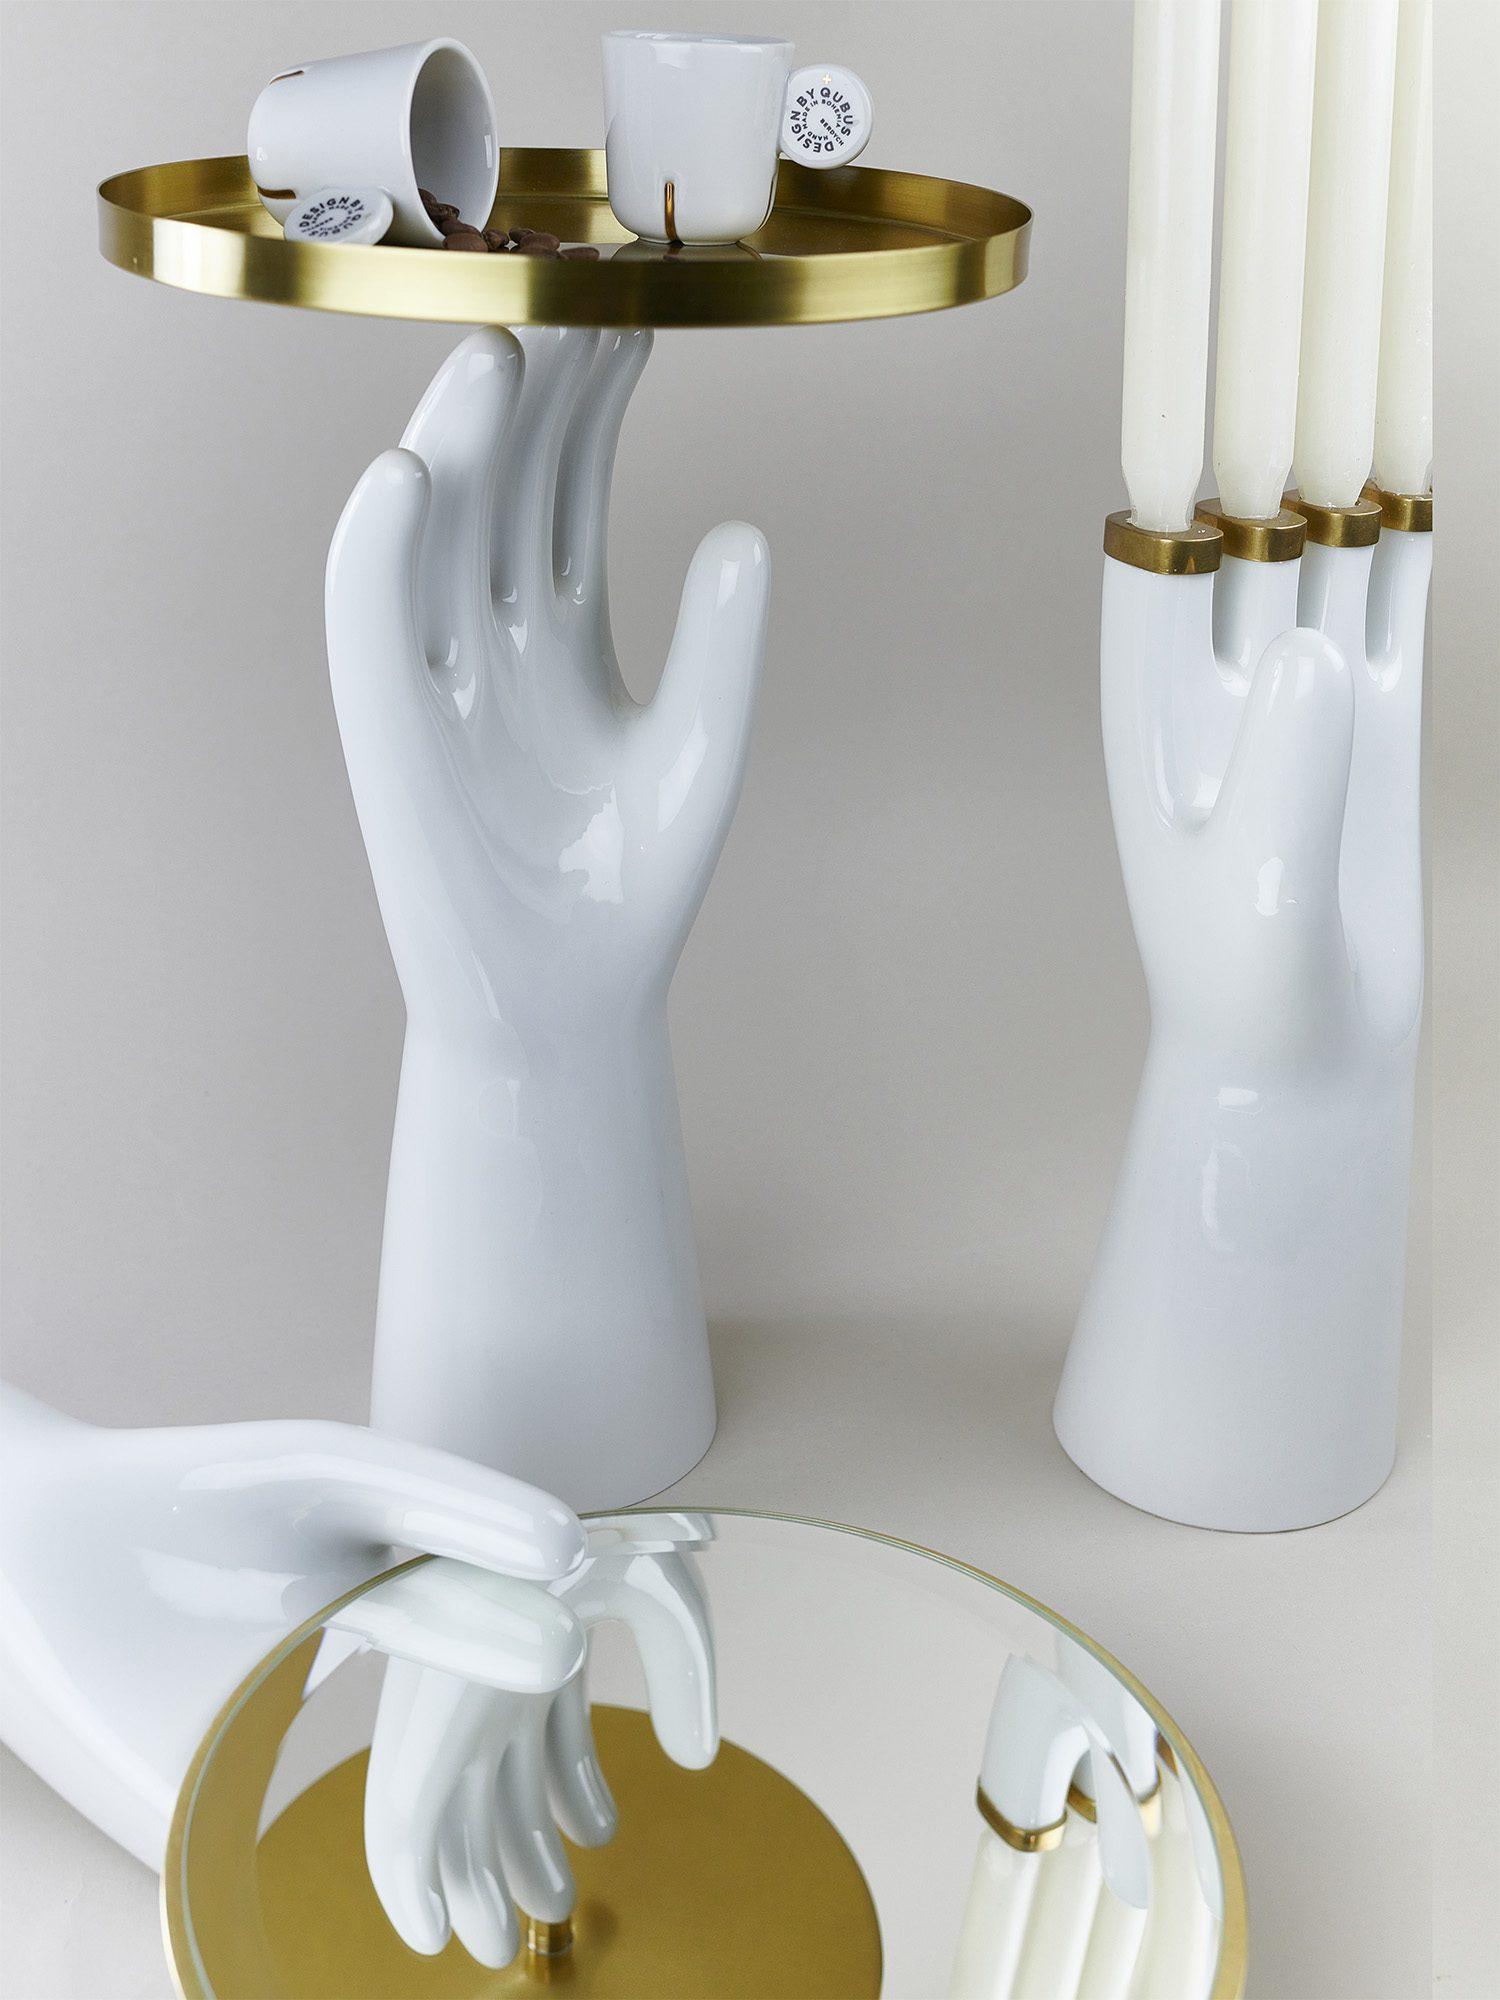 A set of porcelain hands by Qubus design studio